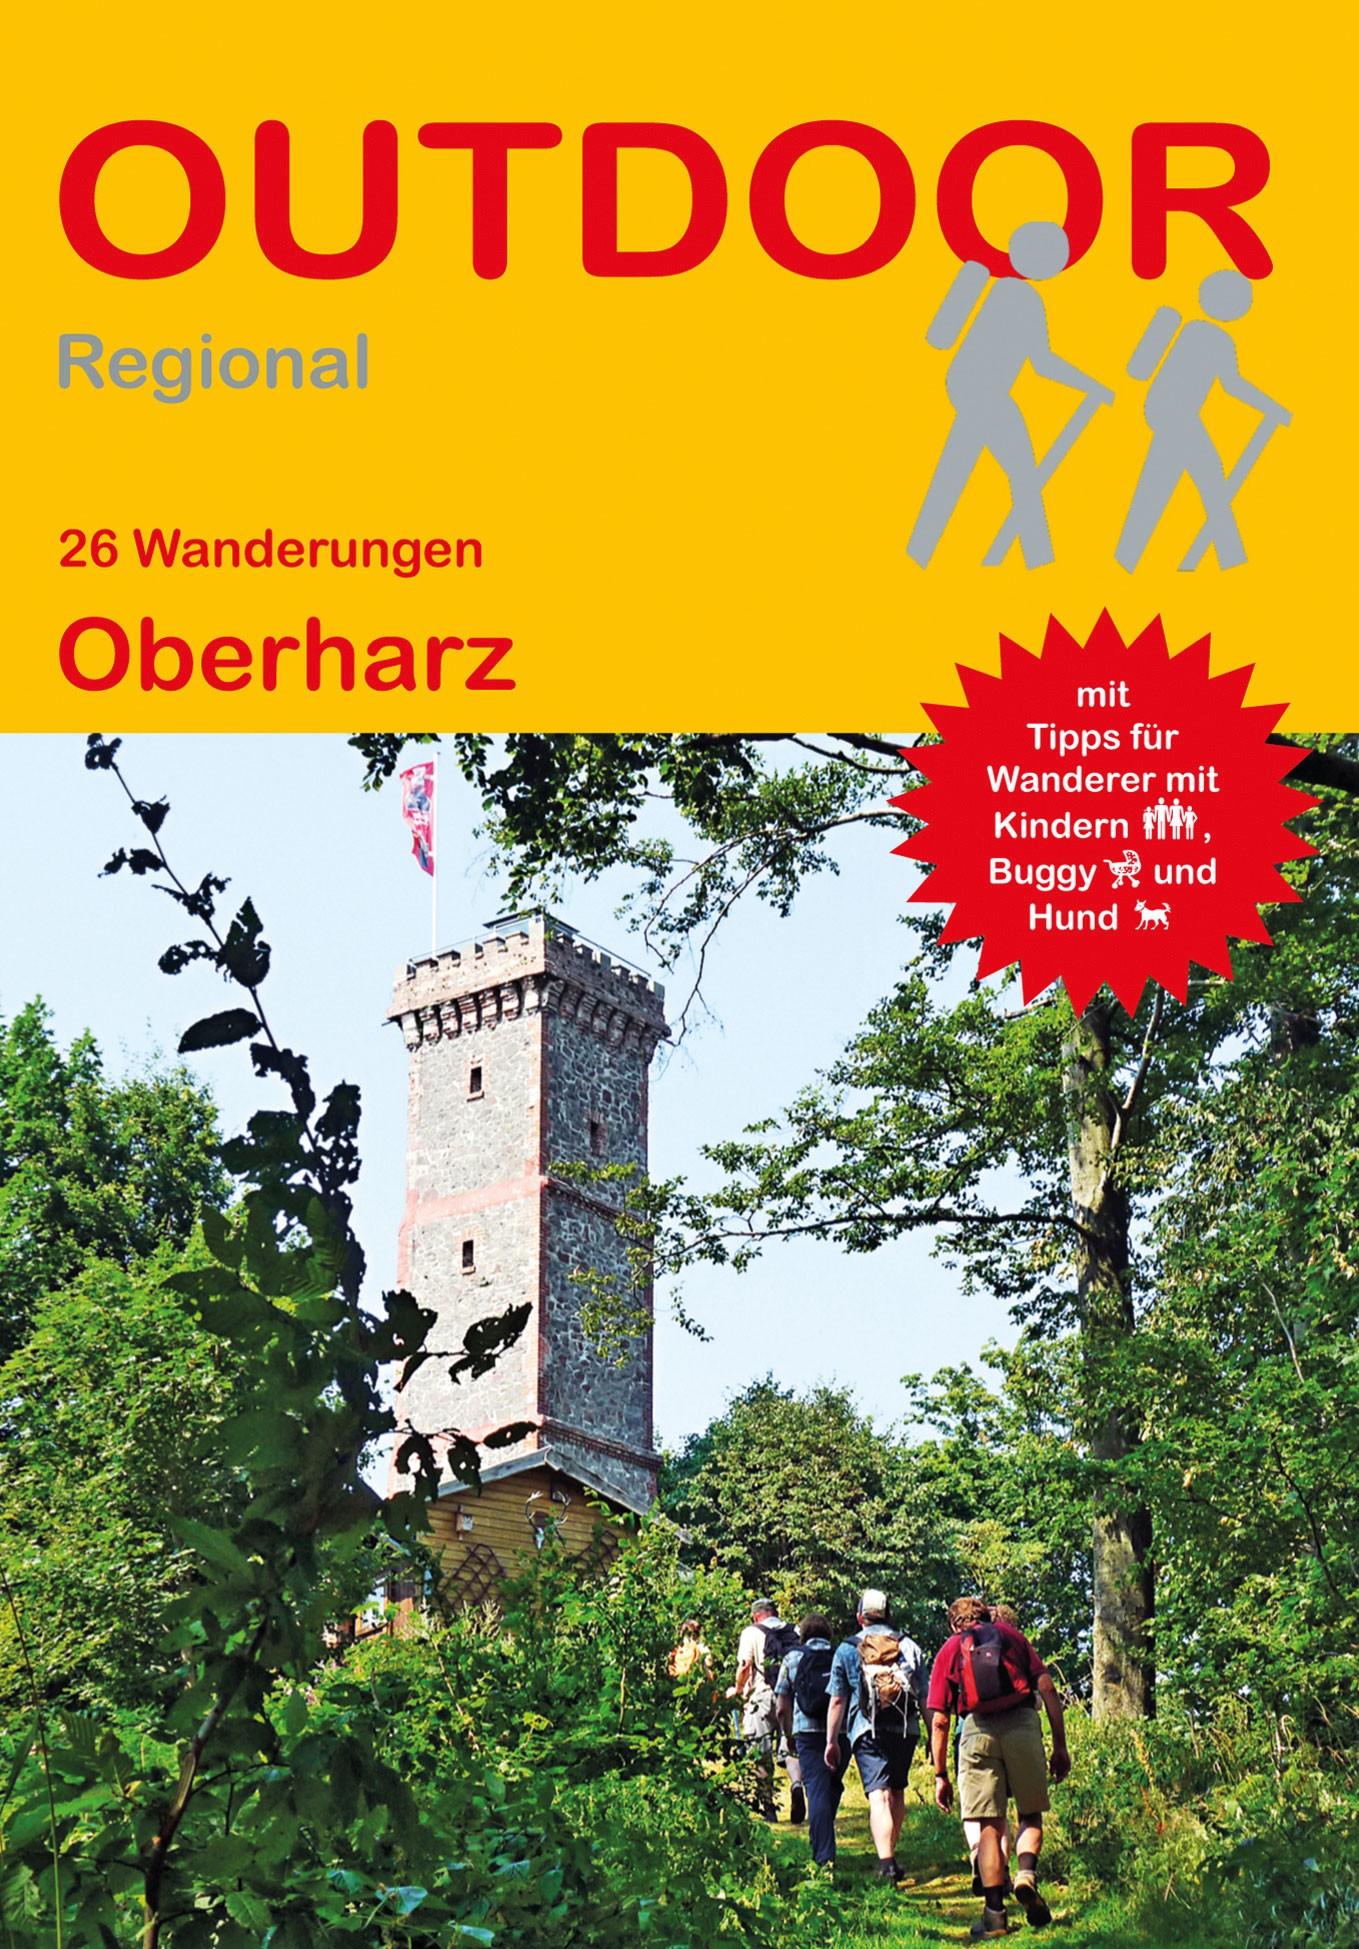 Oberharz